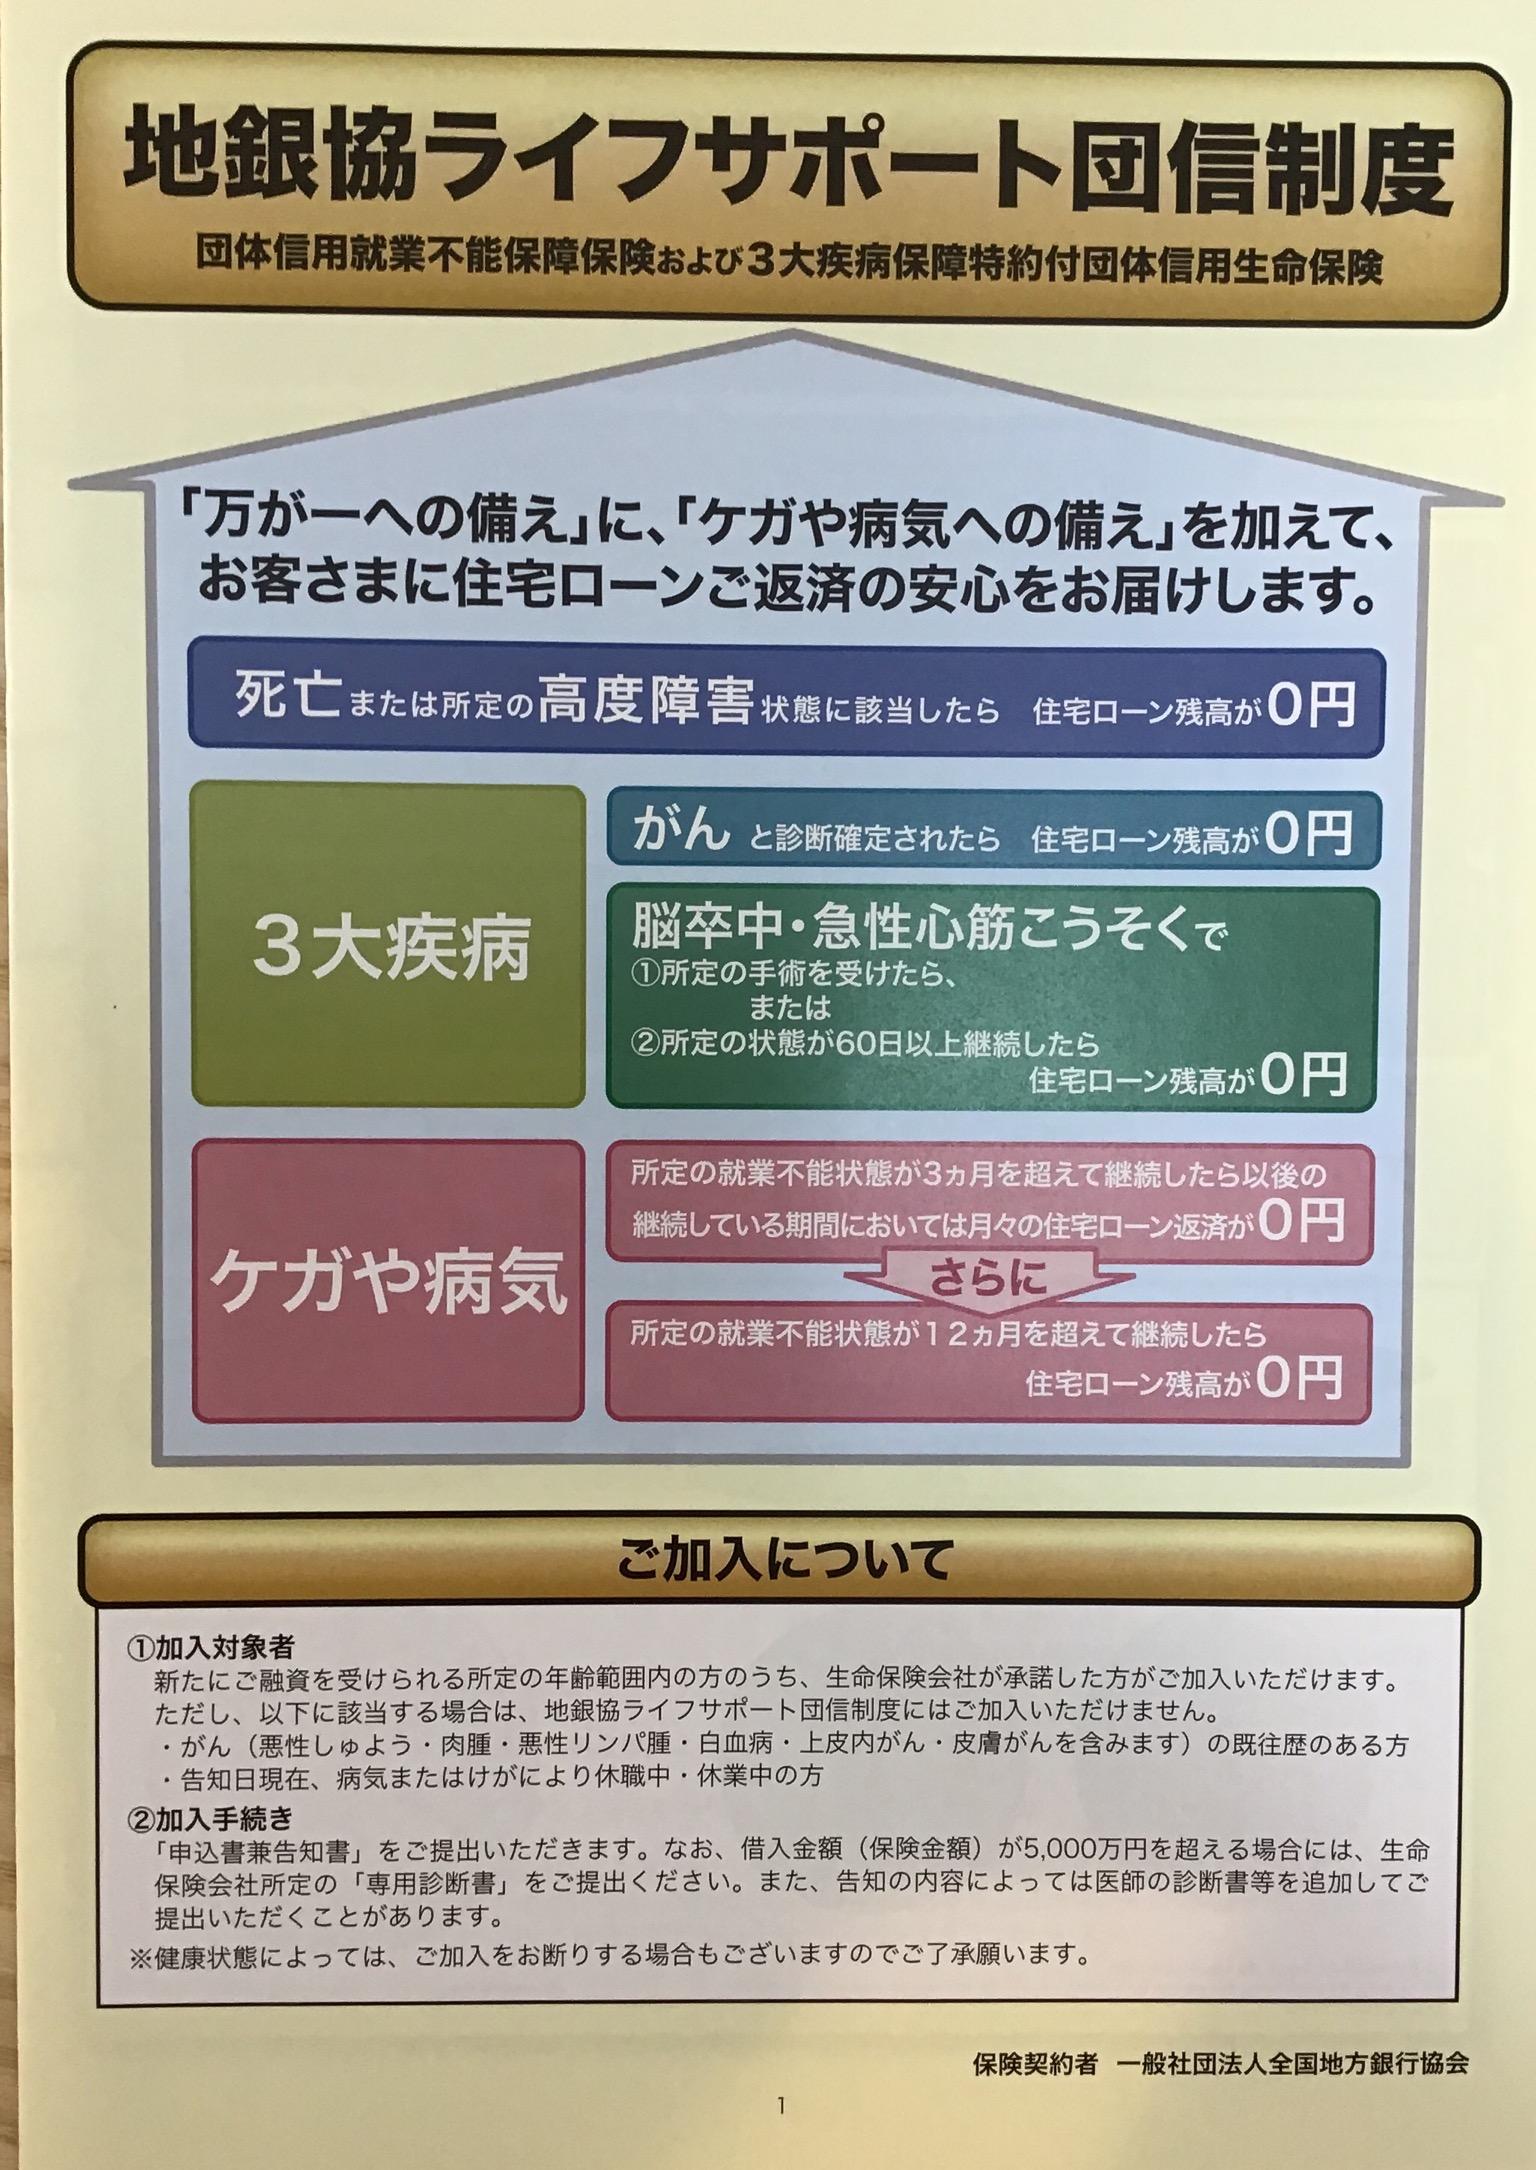 D7122CAD-1DF7-4332-8FD9-B3DB9B408665